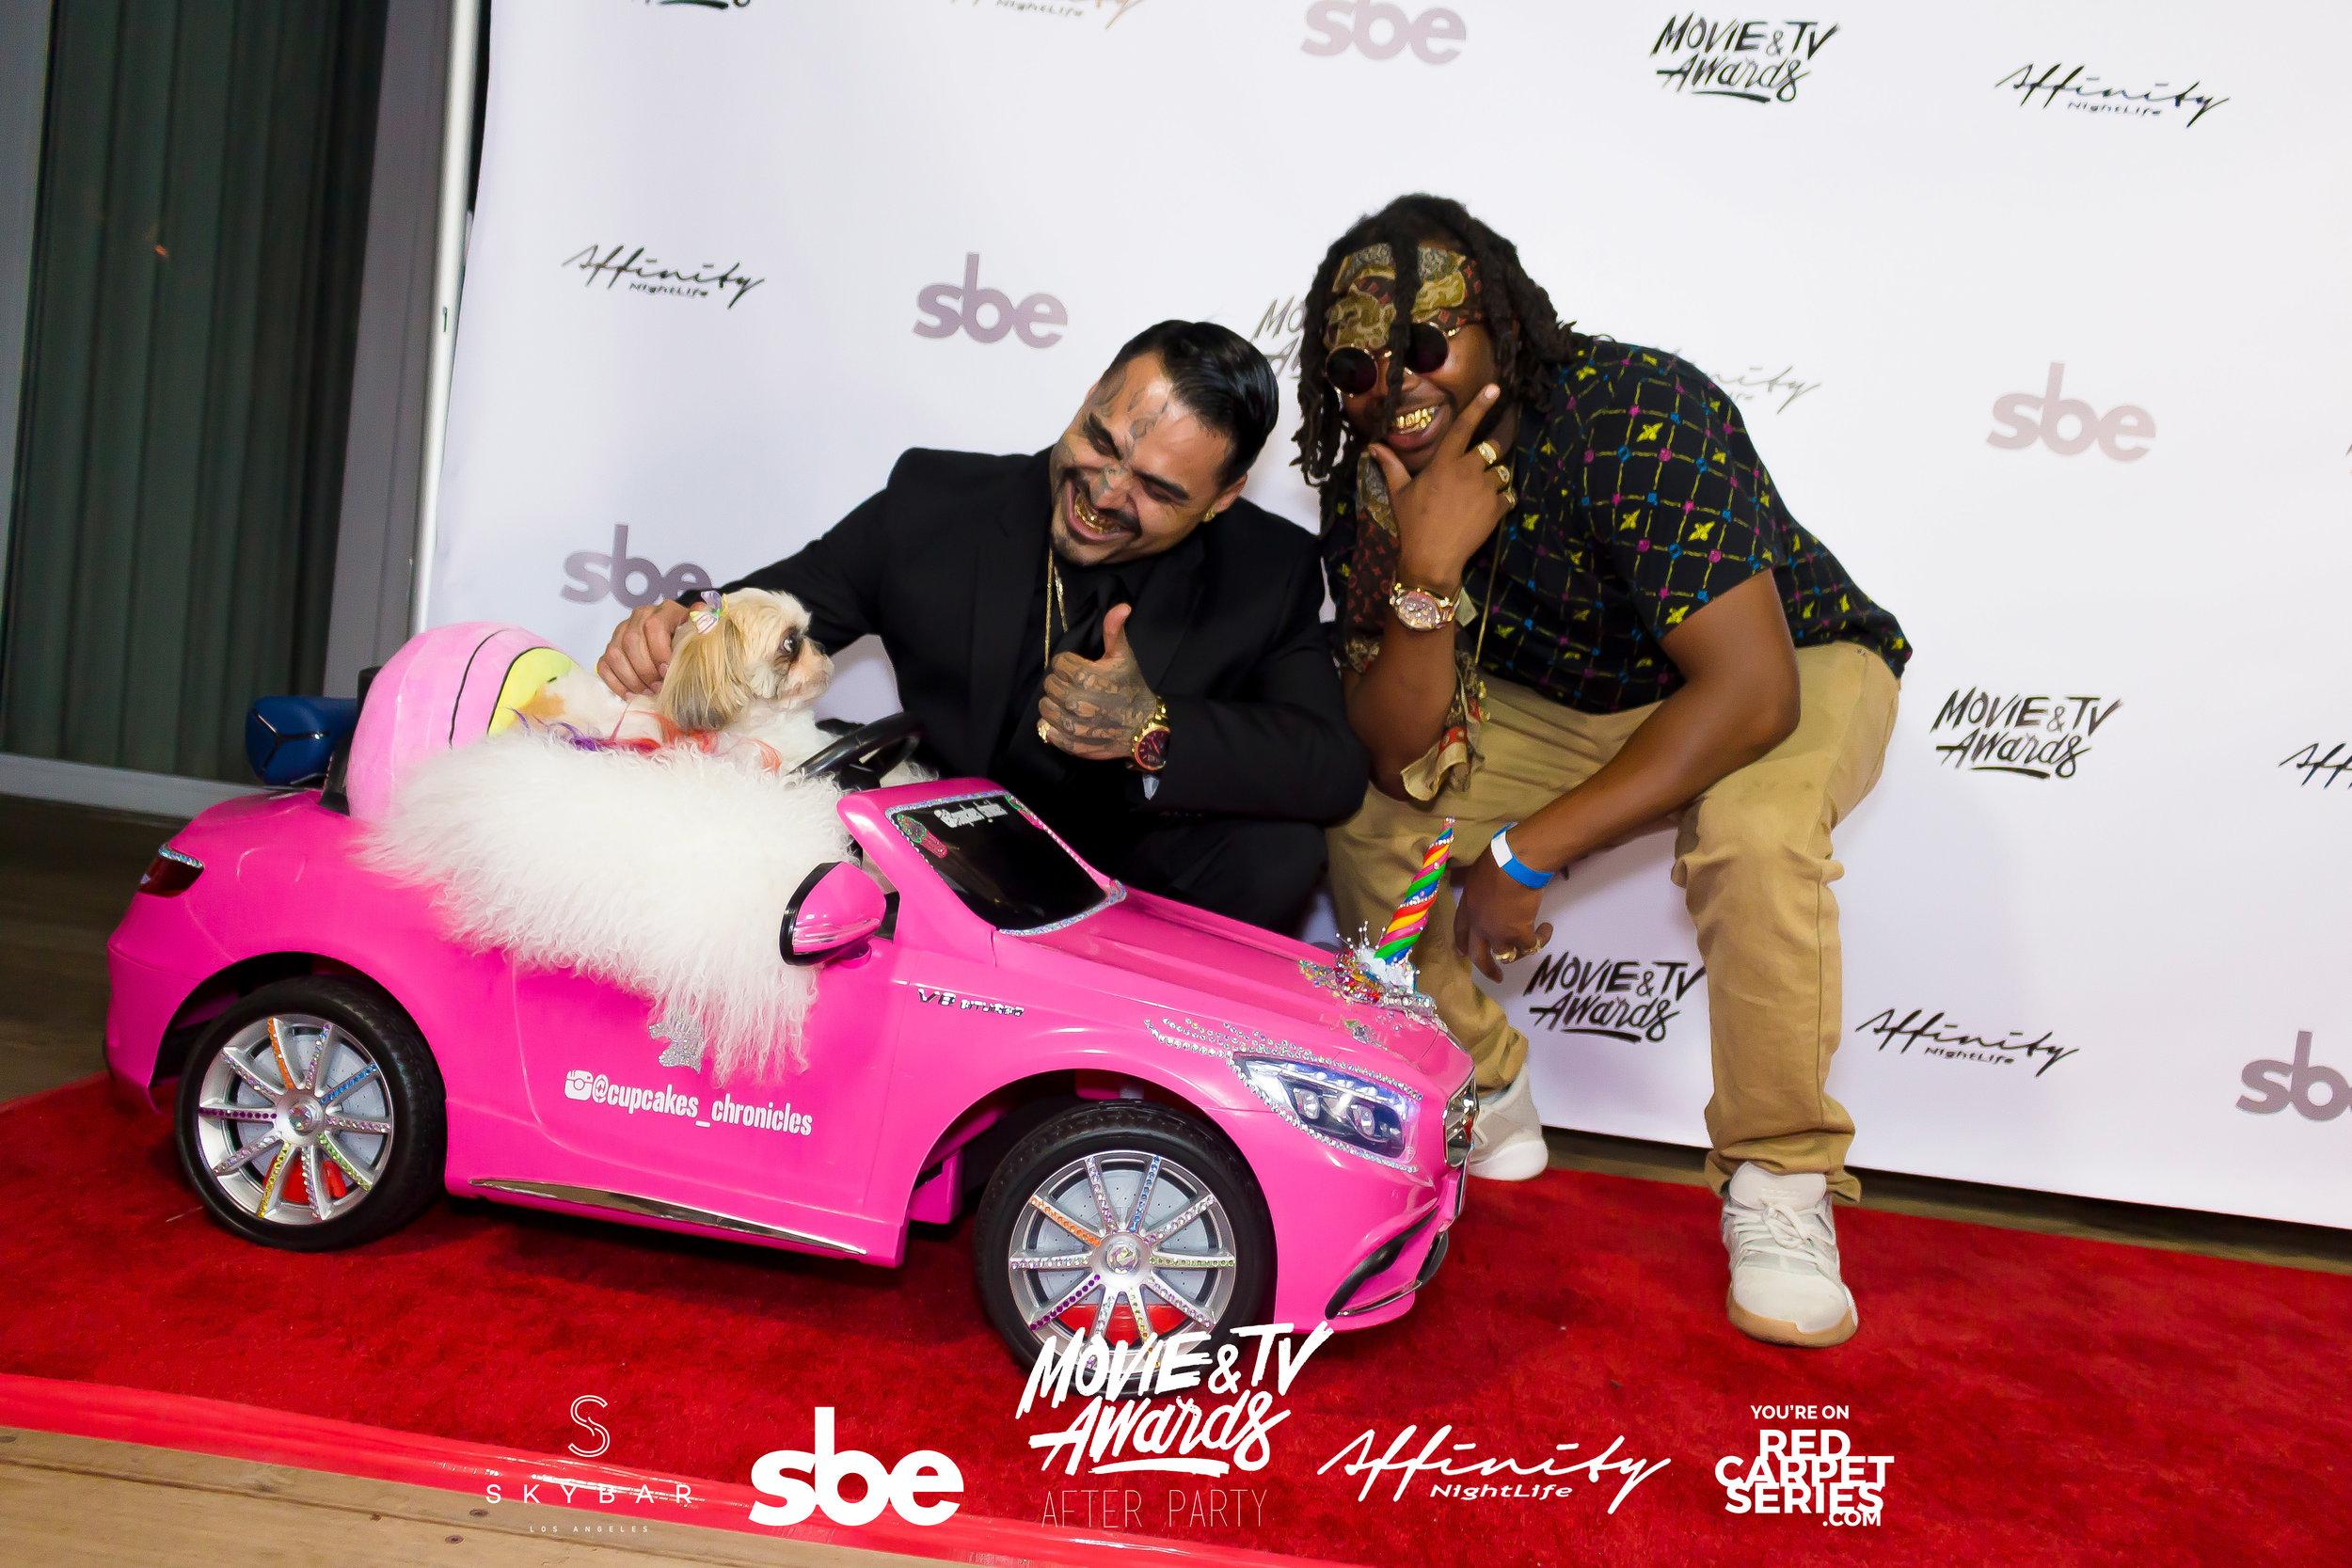 Affinity Nightlife MTV Movie & TV Awards After Party - Skybar at Mondrian - 06-15-19 - Vol. 2_121.jpg